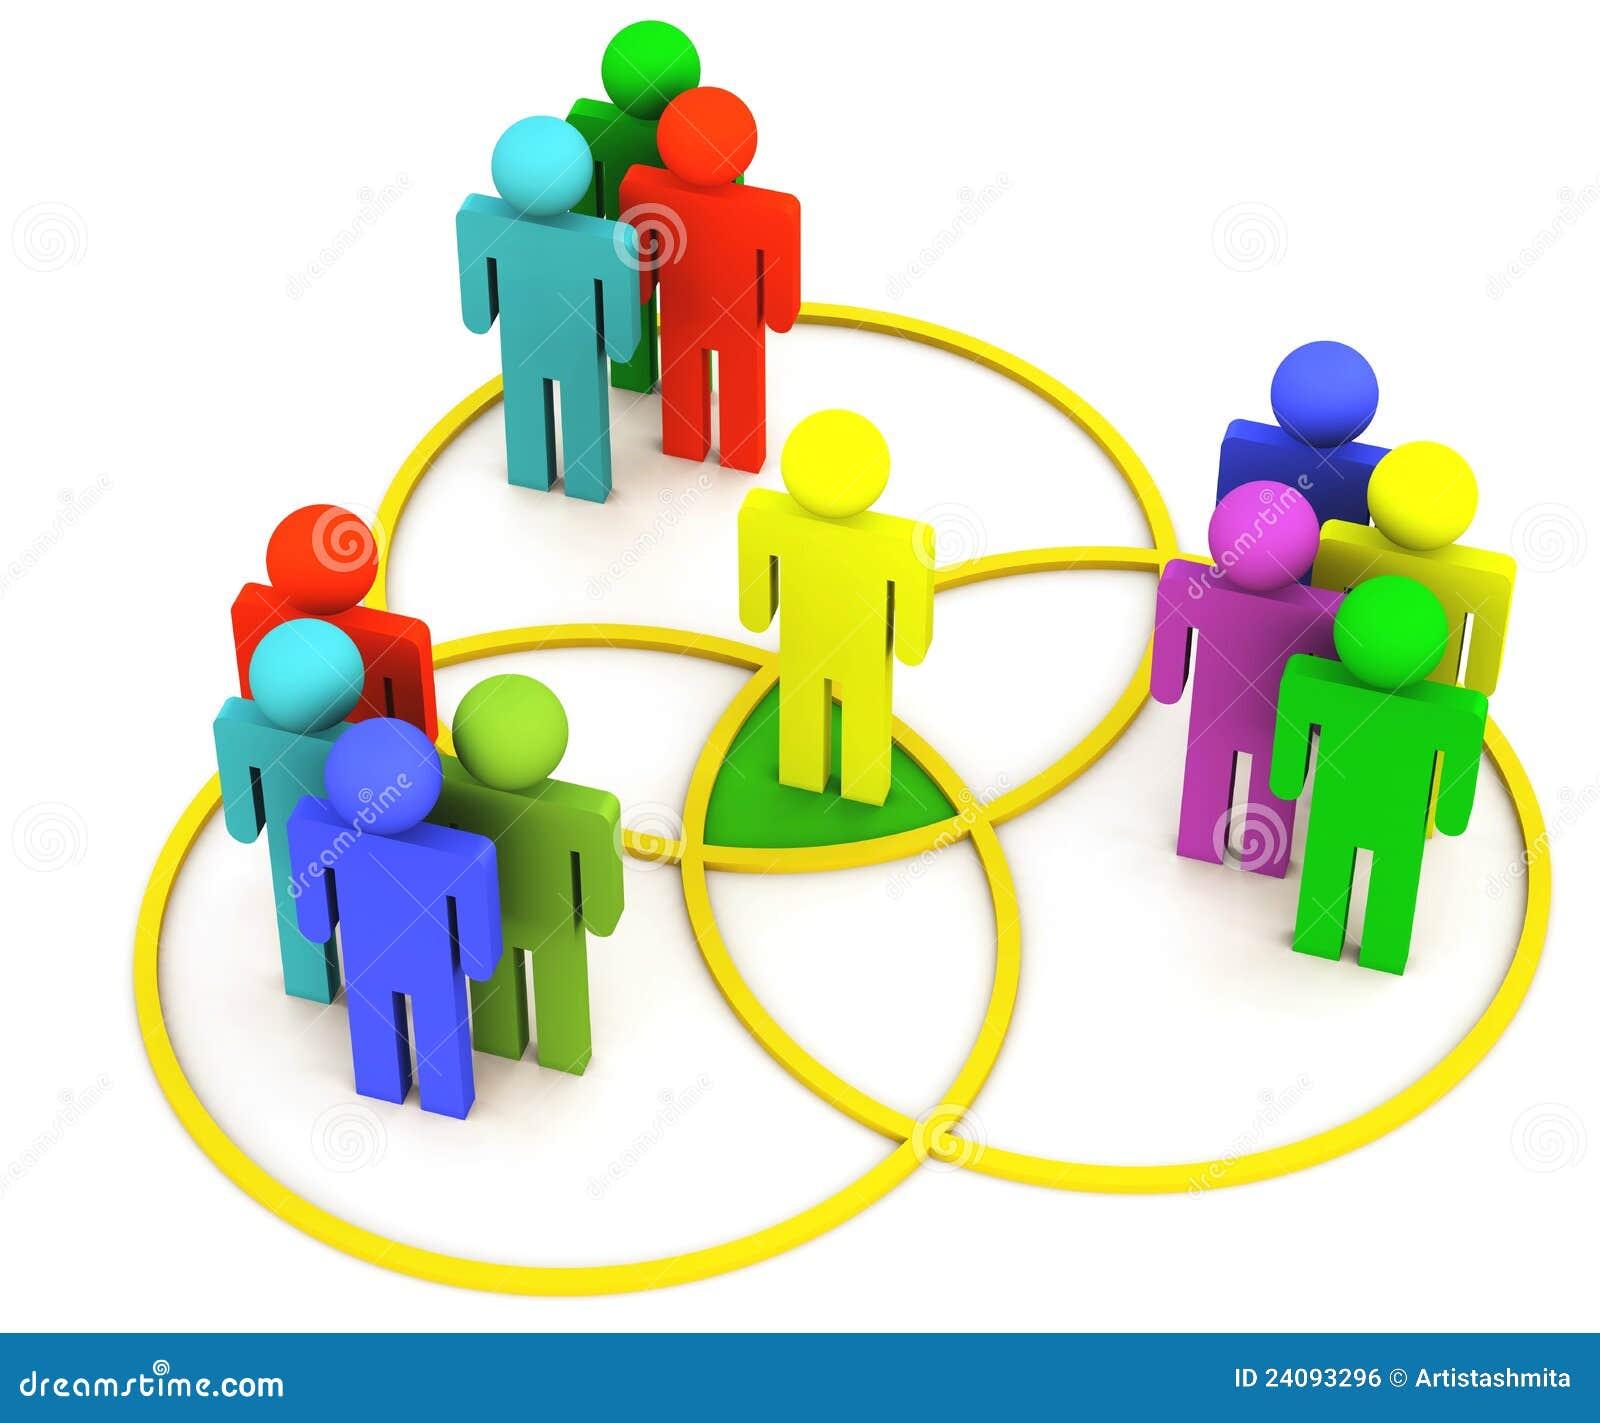 Overlapping venn diagram